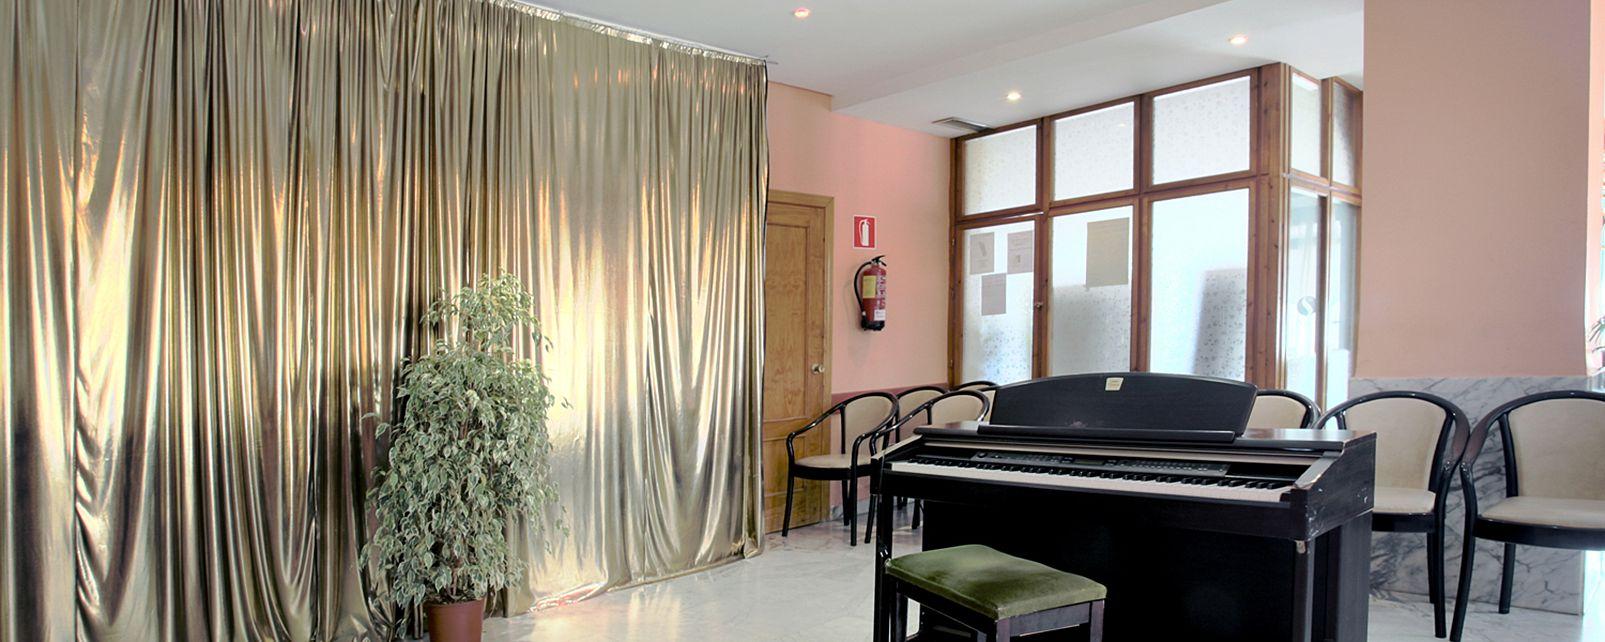 Hotel Summa Marina Sur